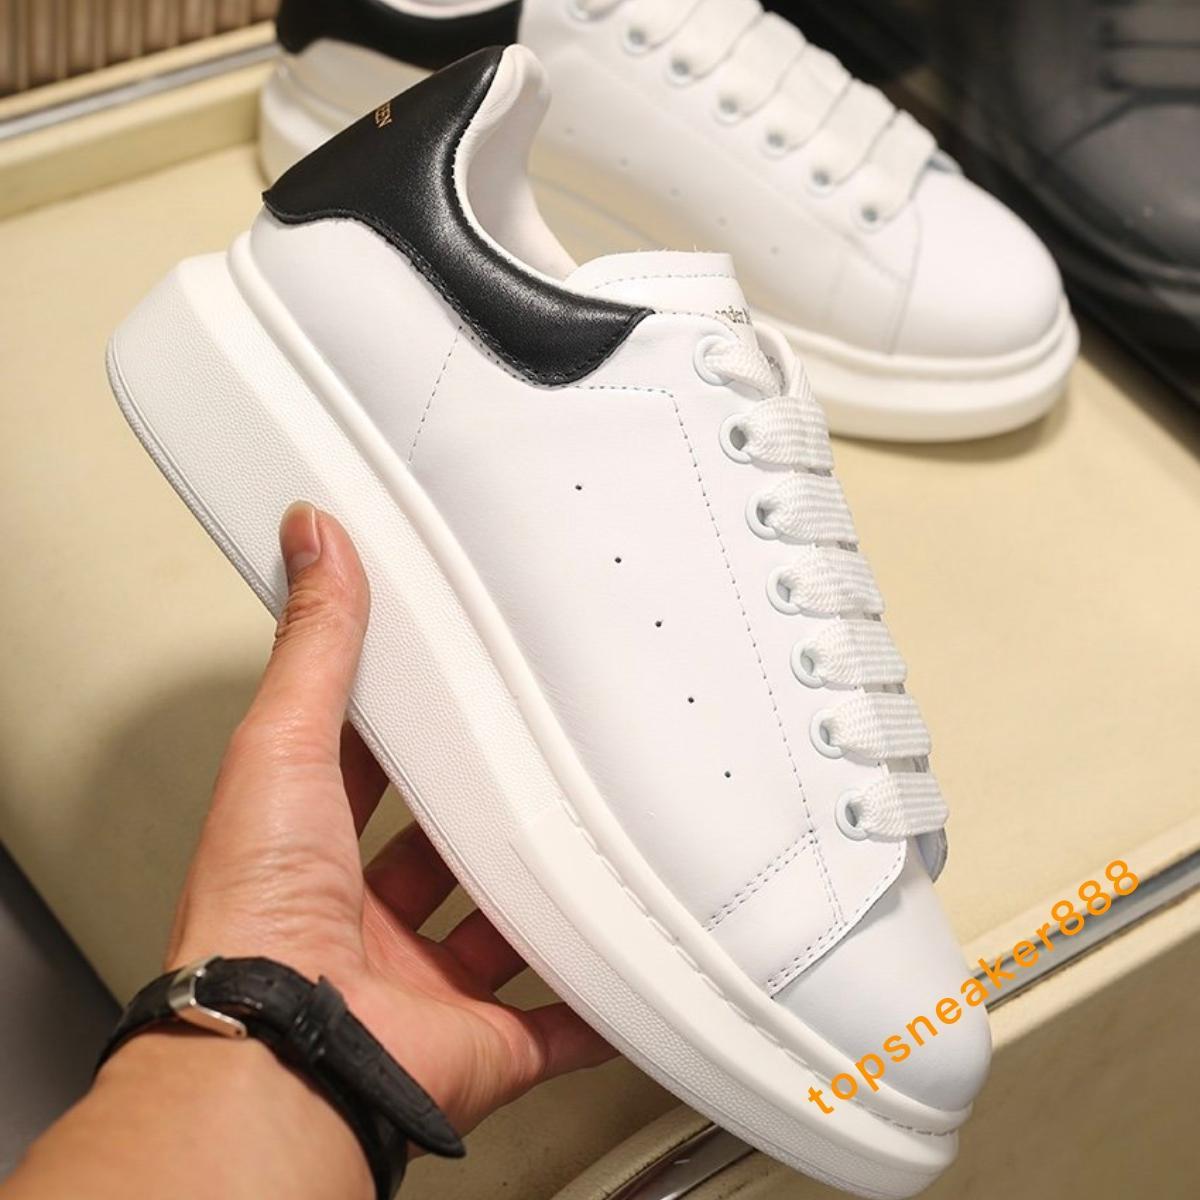 منصة الكلاسيكية عارضة أحذية رجالي إمرأة أحذية أزياء الجلود الدانتيل يصل الأبيض منصة النساء الأحذية مع مربع